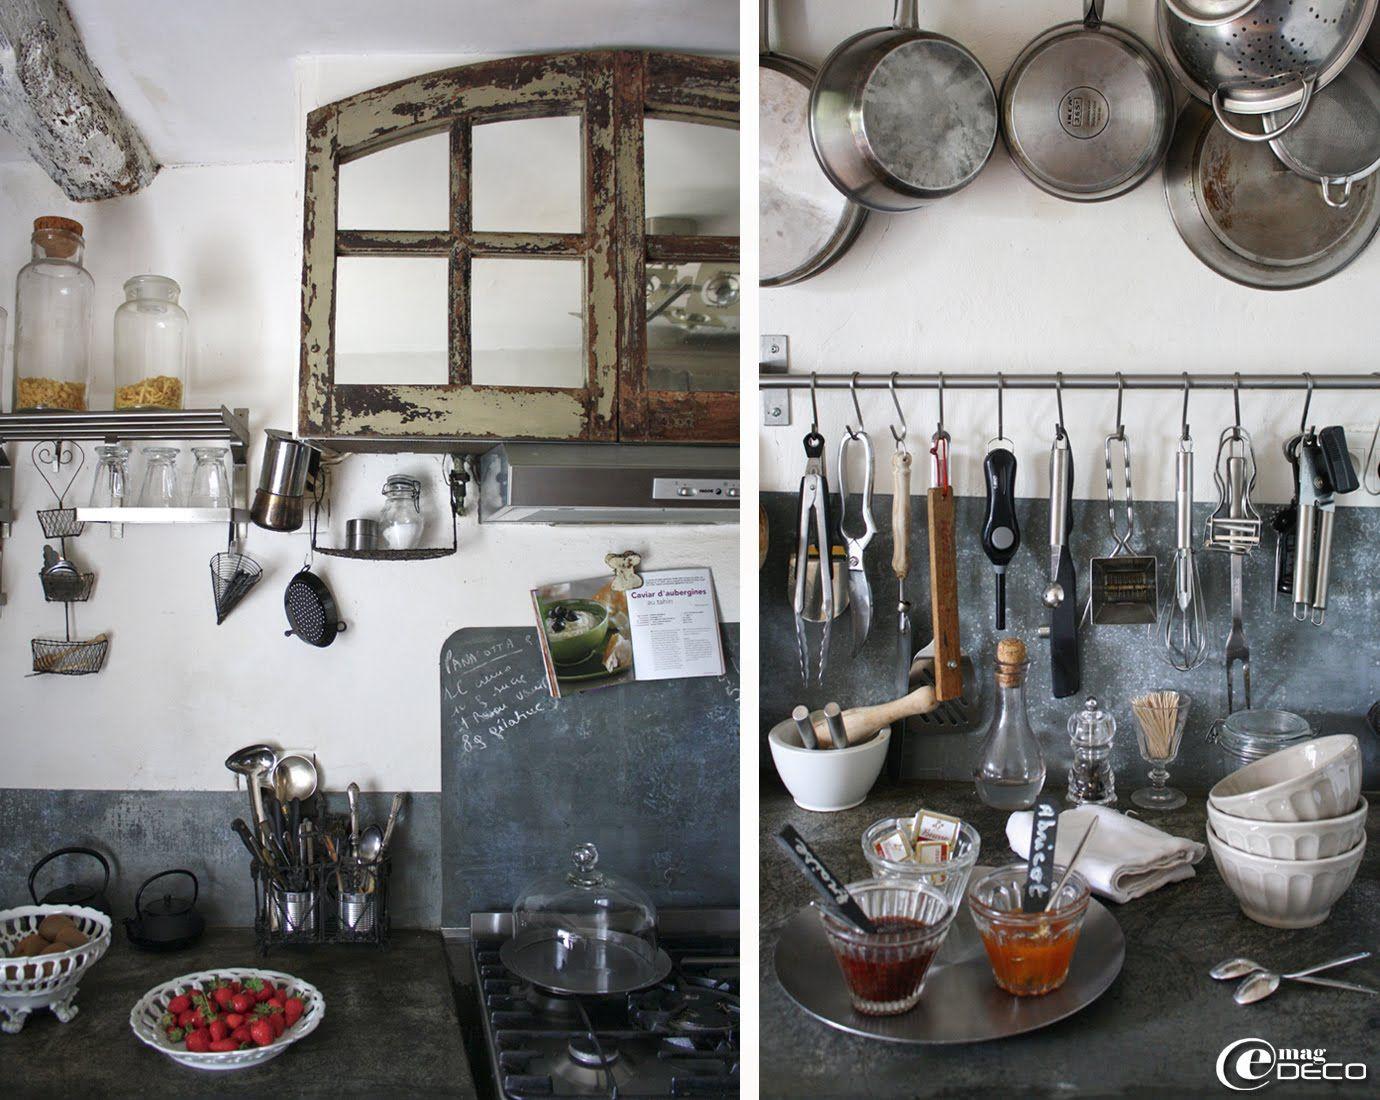 Cuisine du Relais de Roquefereau, paillasse des plans de travail